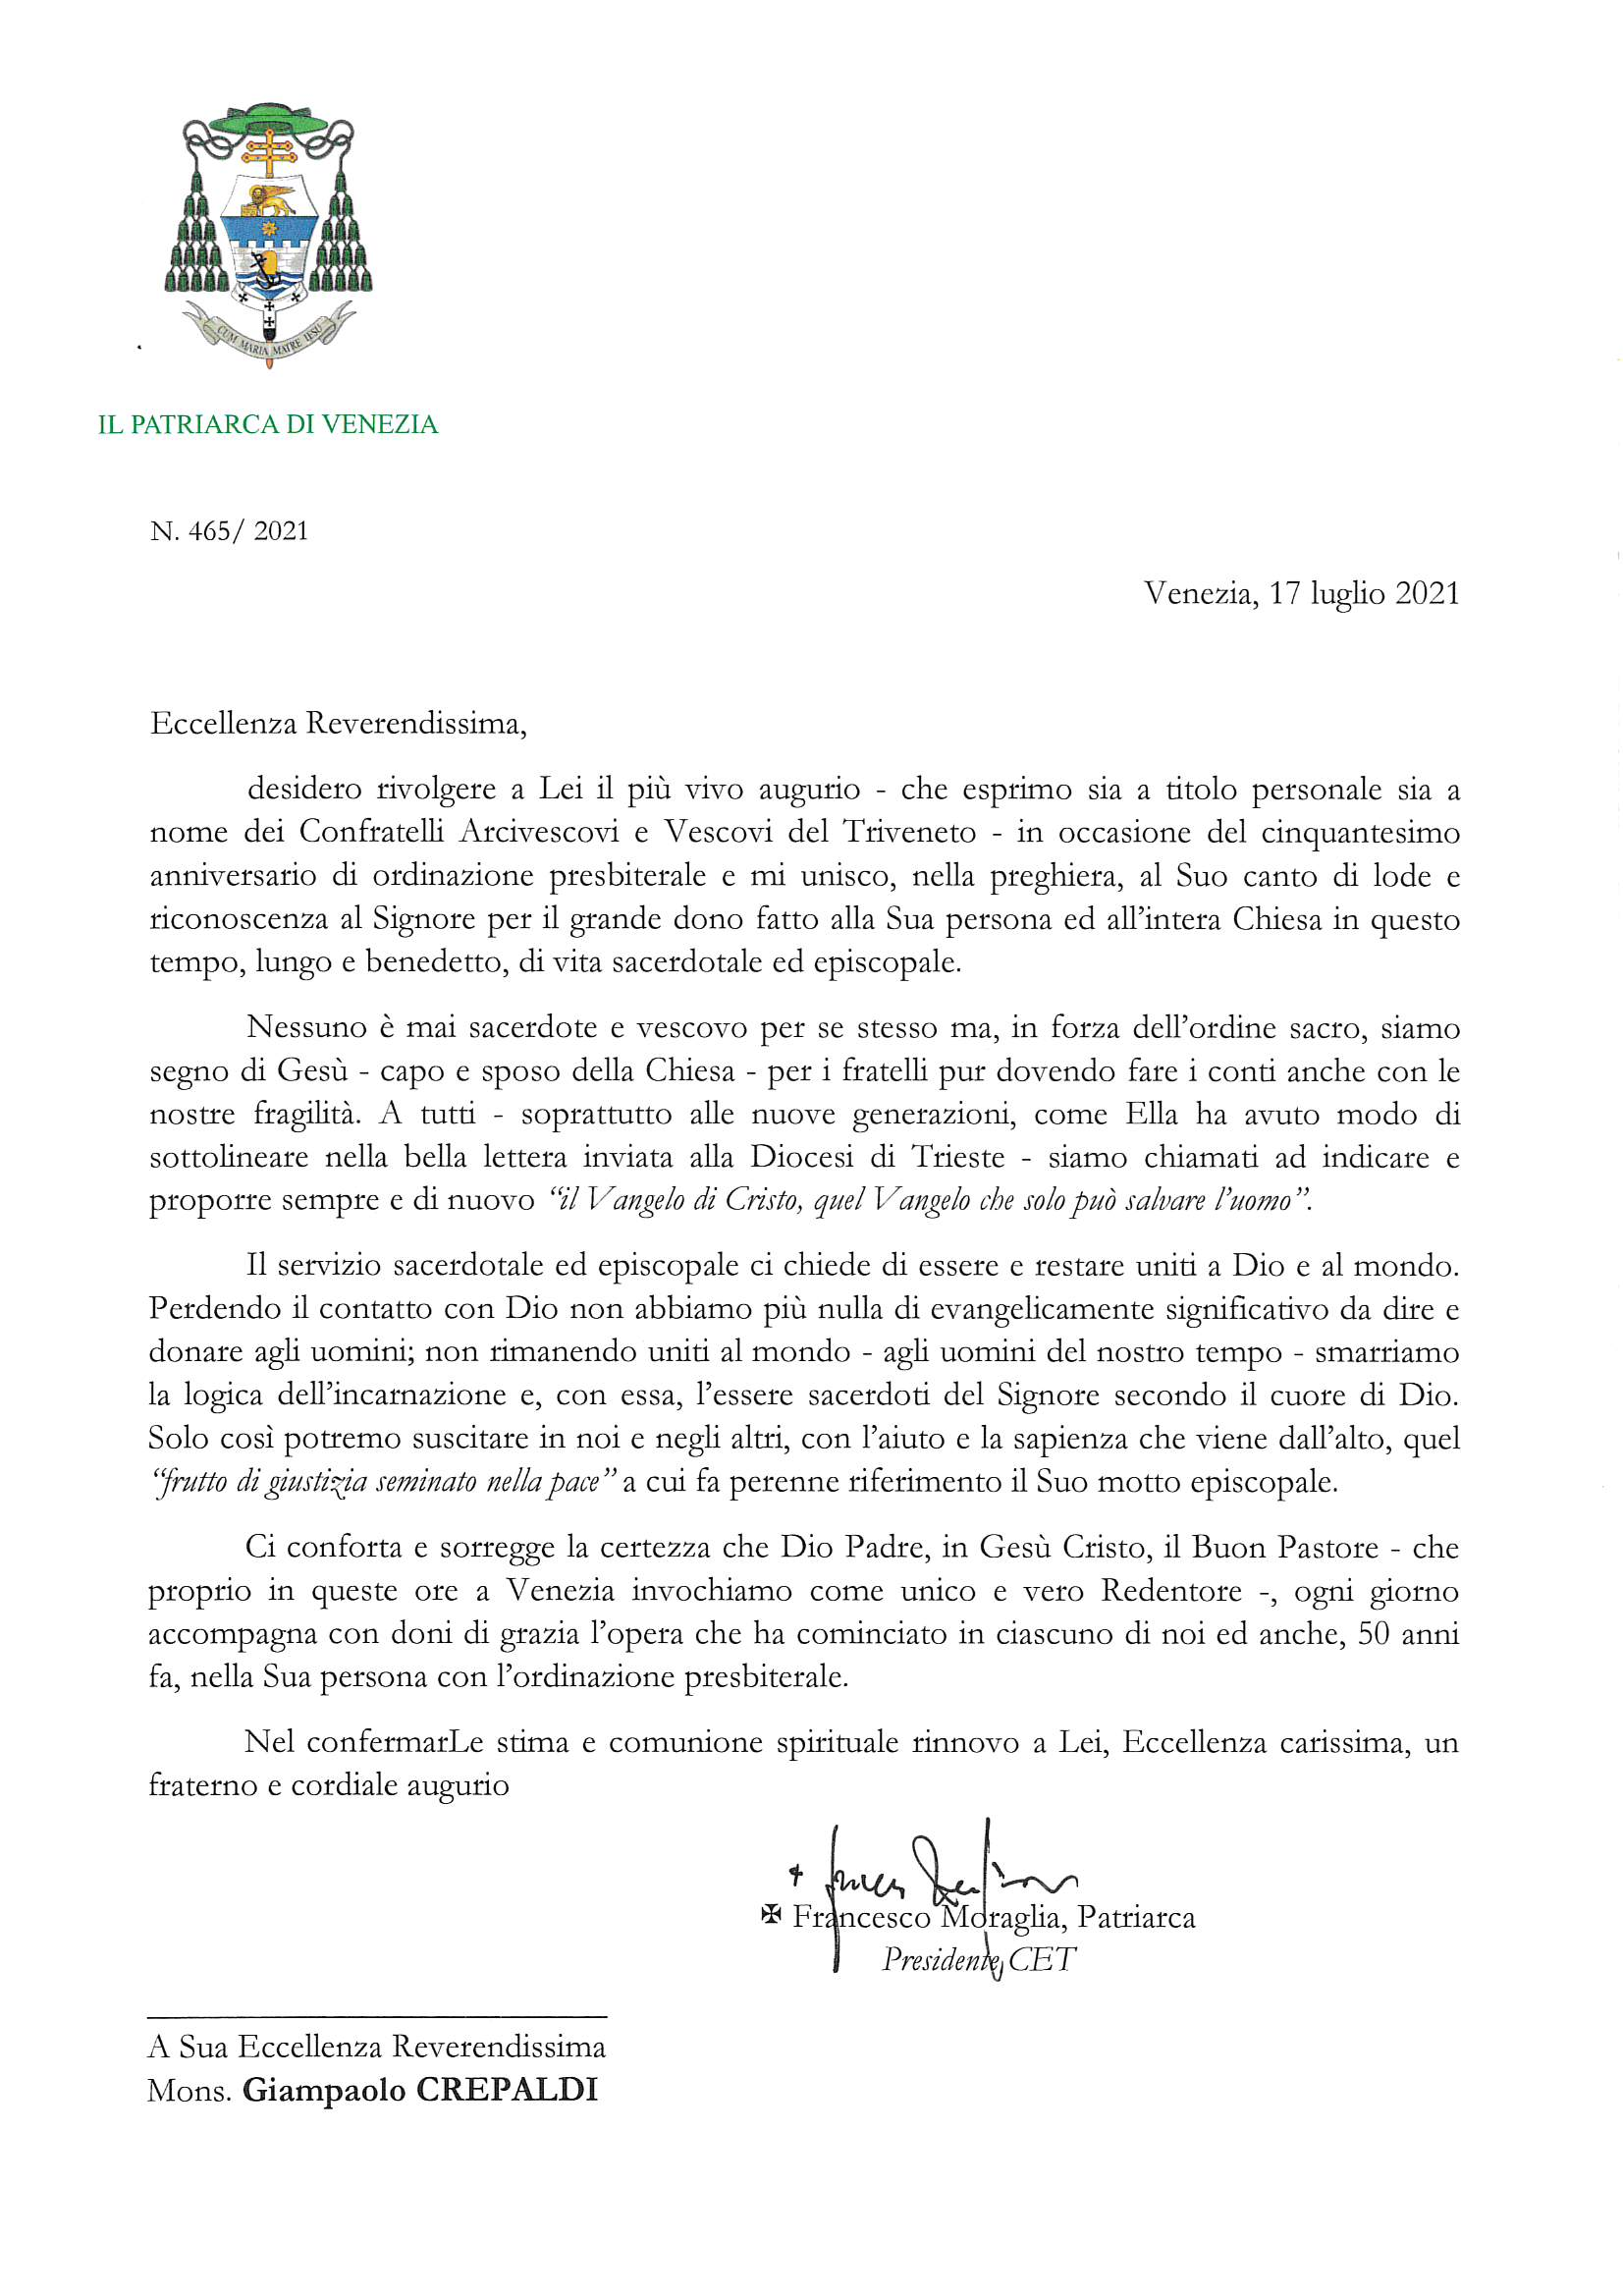 2021-465_Lettera del Patriarca a l'Arcivescovo-vescovo di Trieste SE Mons. Crepaldi_ auguri 50 sacerdozio